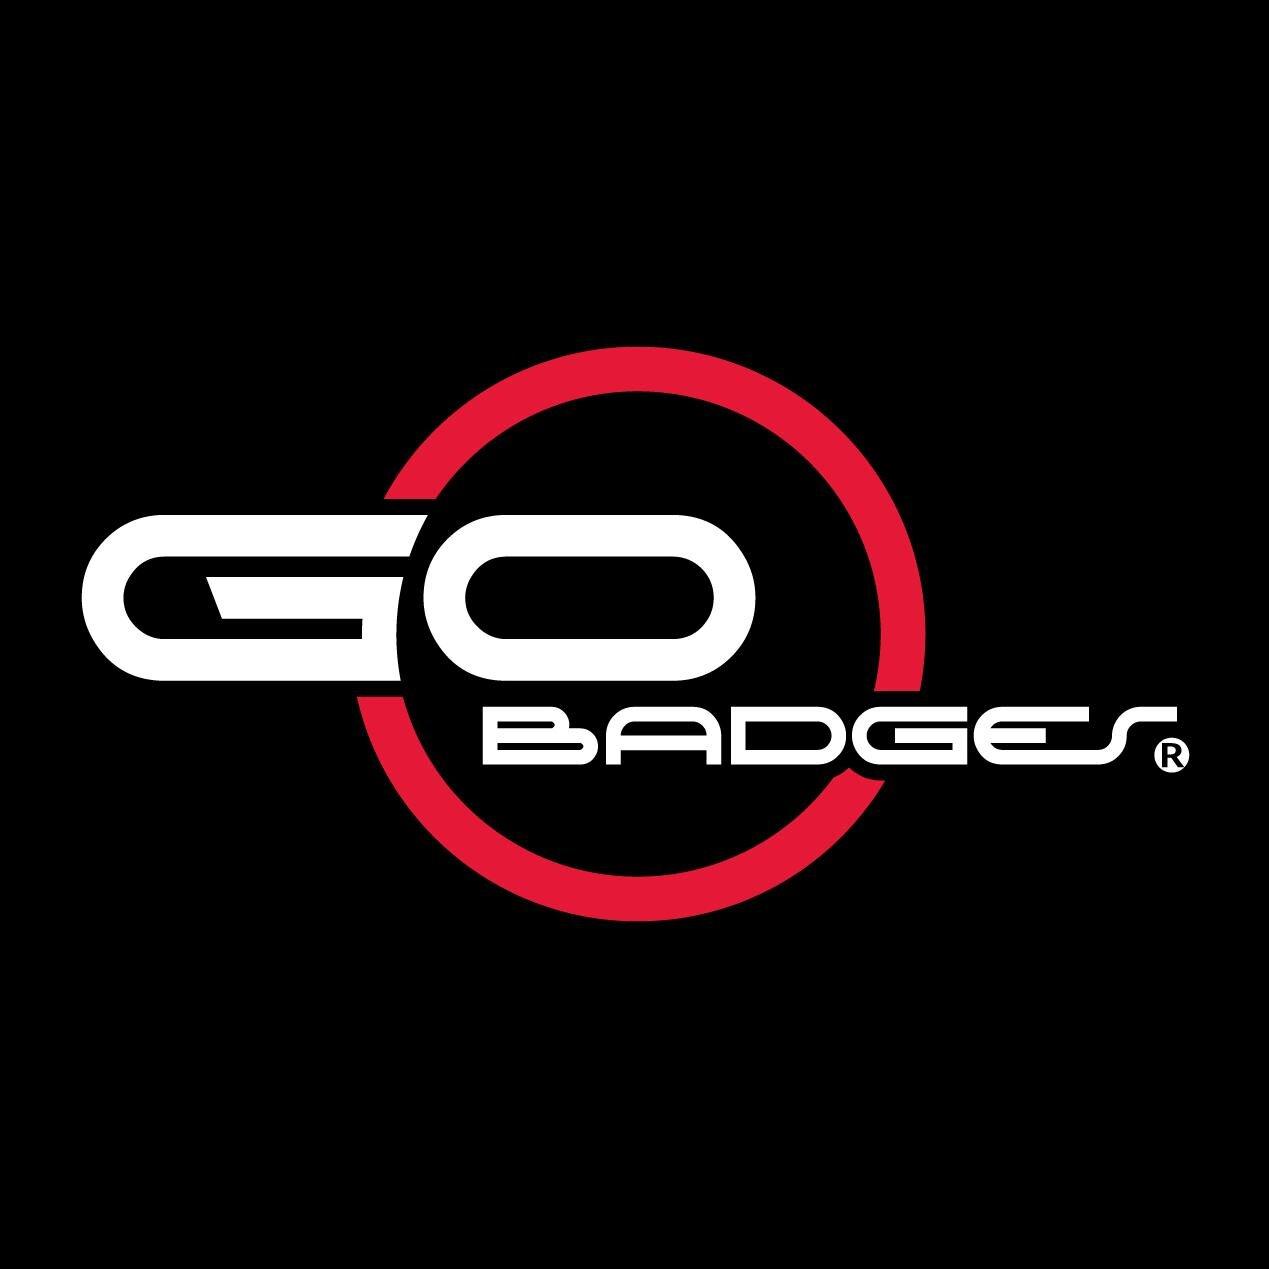 Gobadges-logo